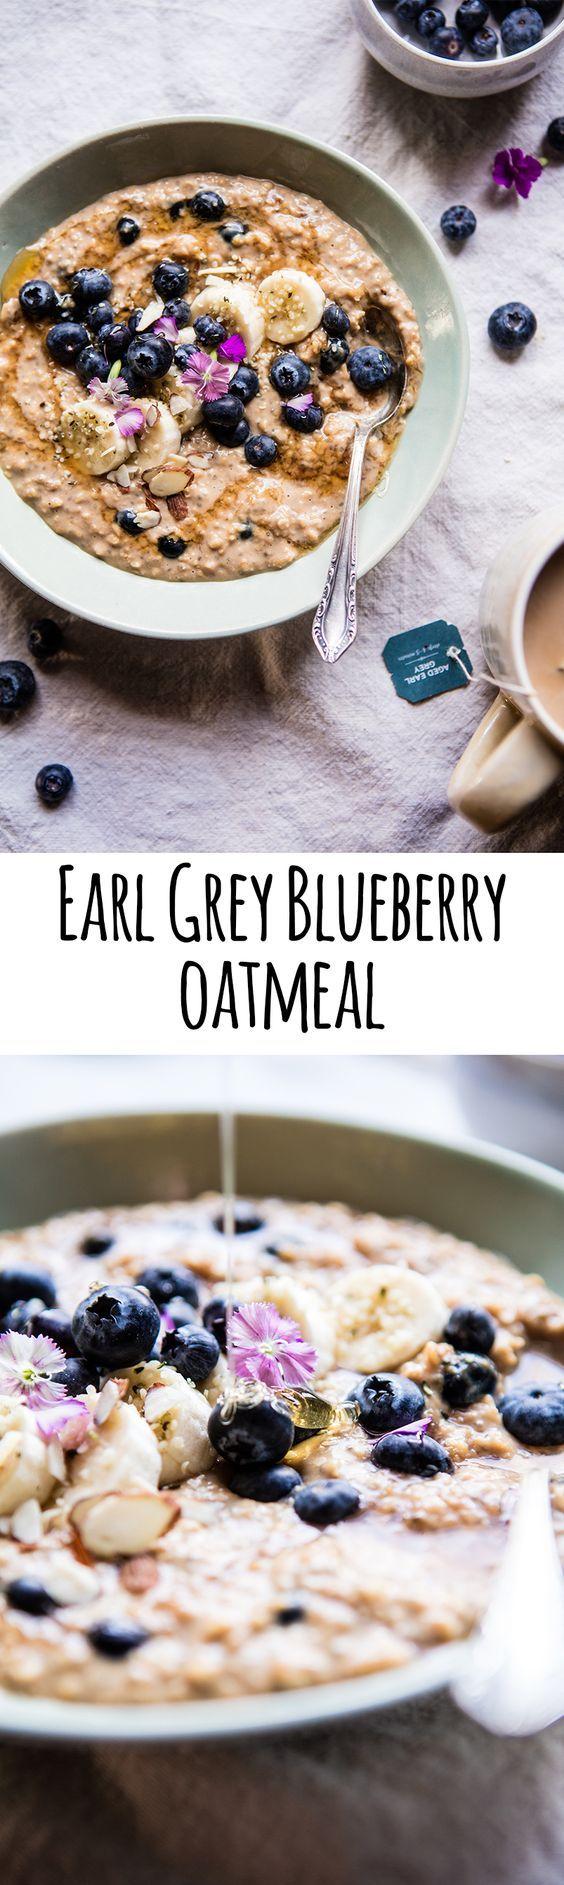 Earl Grey Blueberry Oatmeal   halfbakedharvest.com @hbharvest